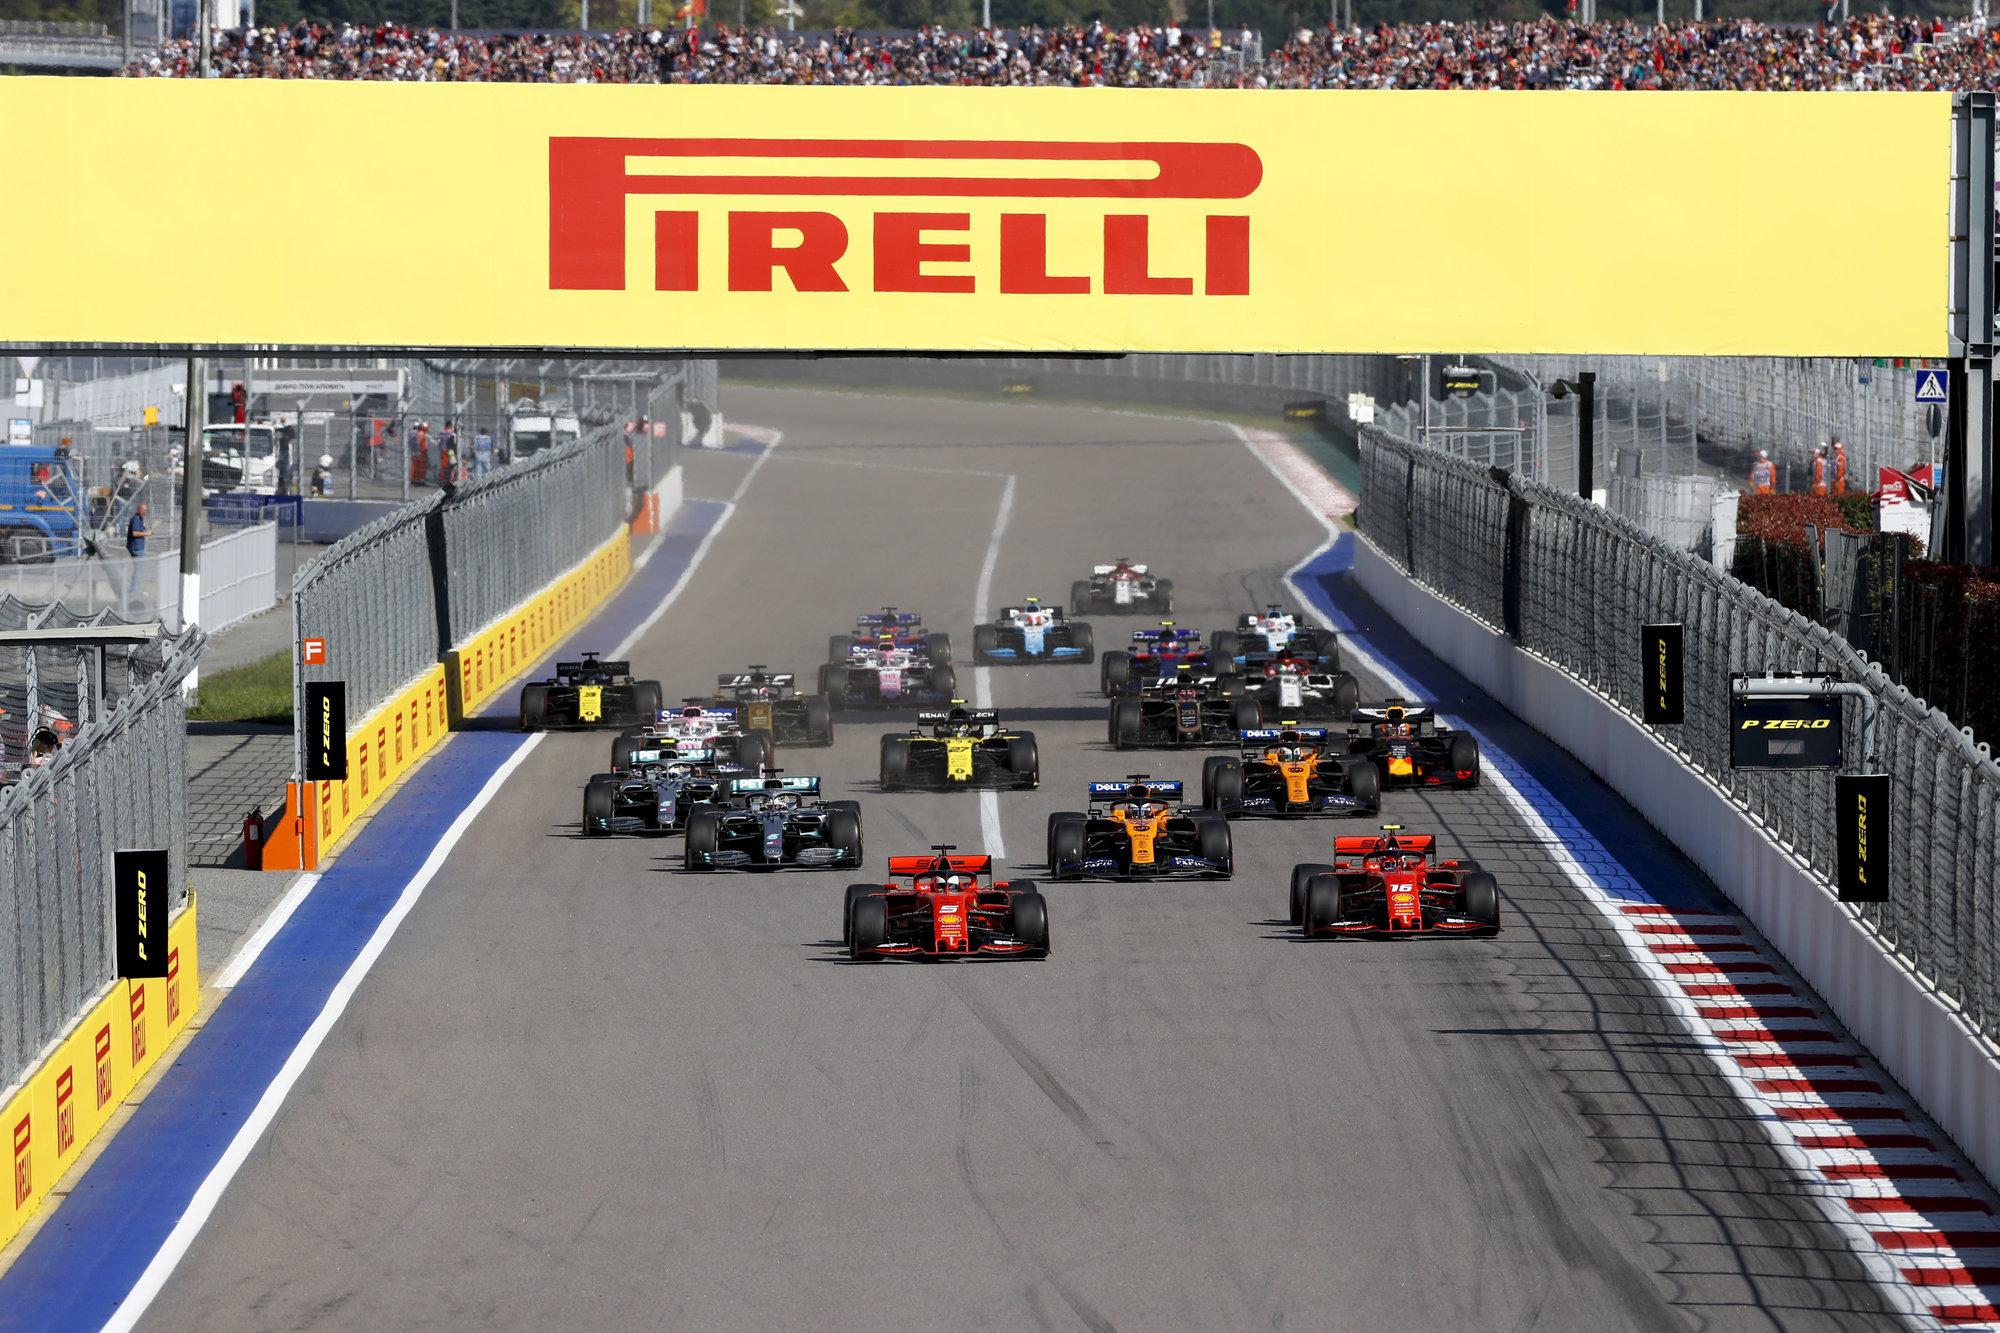 Пиастри выиграл вторую гонку сезона «Формулы-2», Шварцман не финишировал